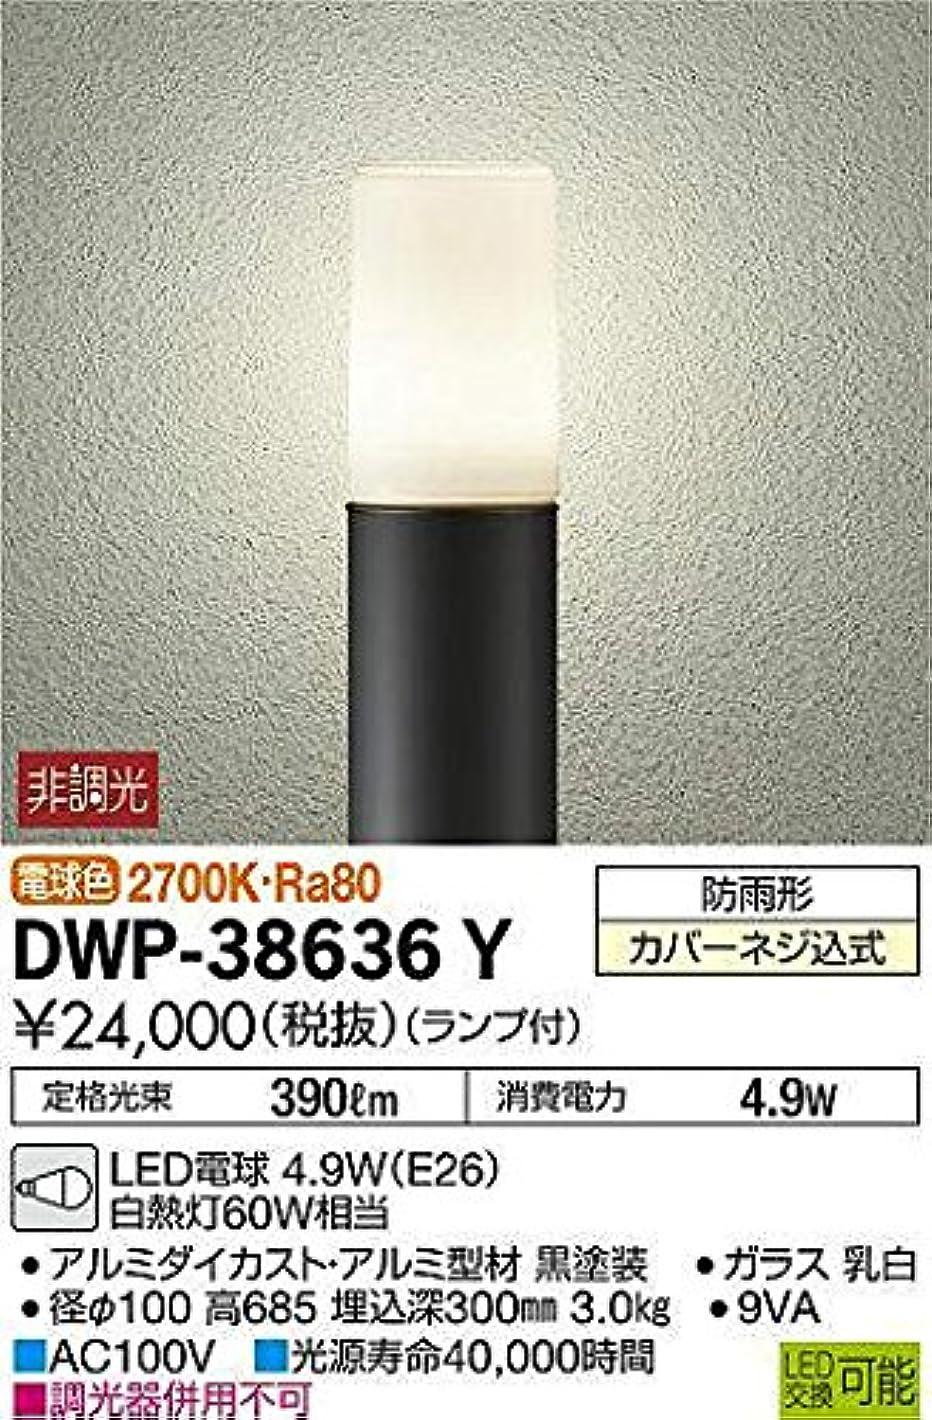 ストッキング関連する同様にDAIKO LEDアプローチ灯 ランプ付 防雨形 白熱灯60W相当 非調光タイプ 6.6W 口金E26 高さ685mm 電球色 黒 DWP-38636Y